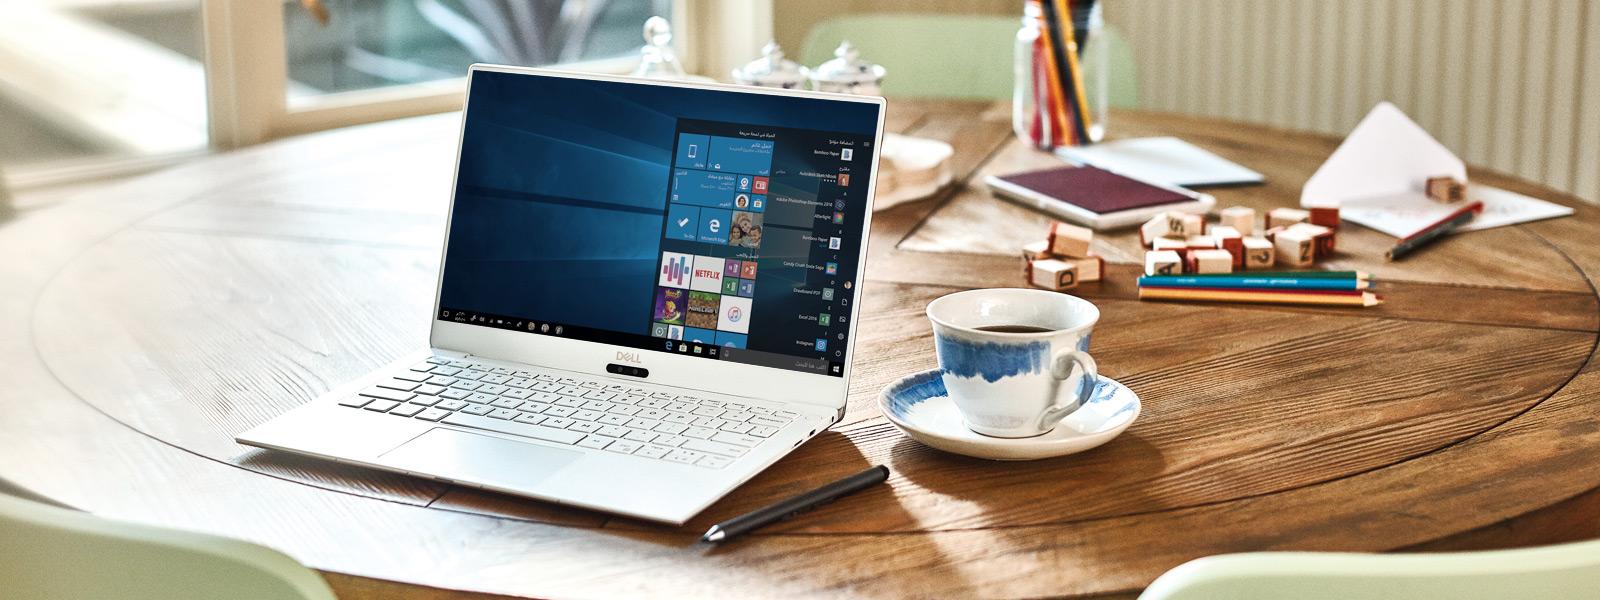 يفتح جهاز Dell XPS 13 9370 على طاولة بشاشة بدء نظام Windows 10.